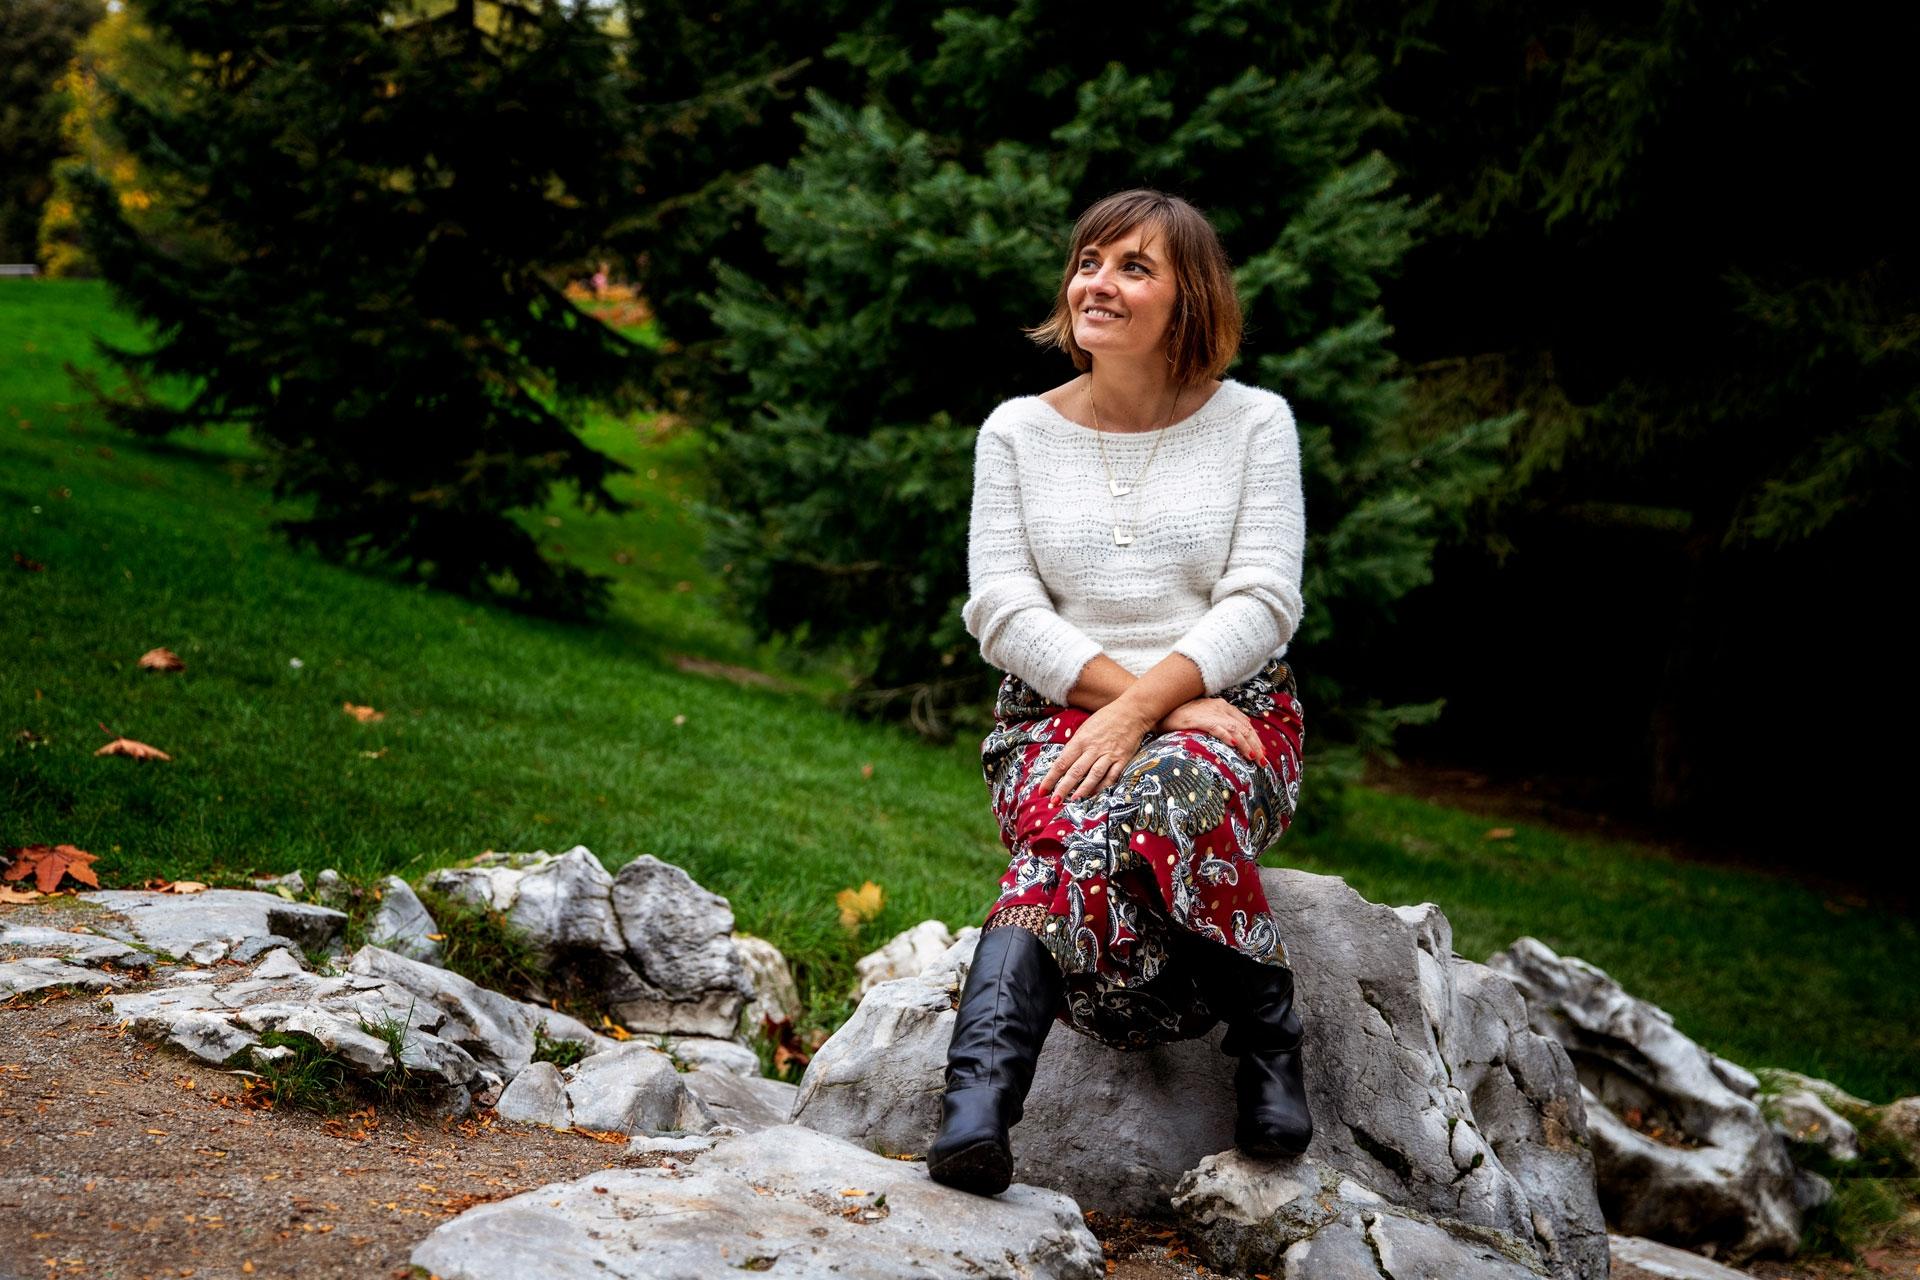 particuliers-portraits-jocia&fabienne-automne-26